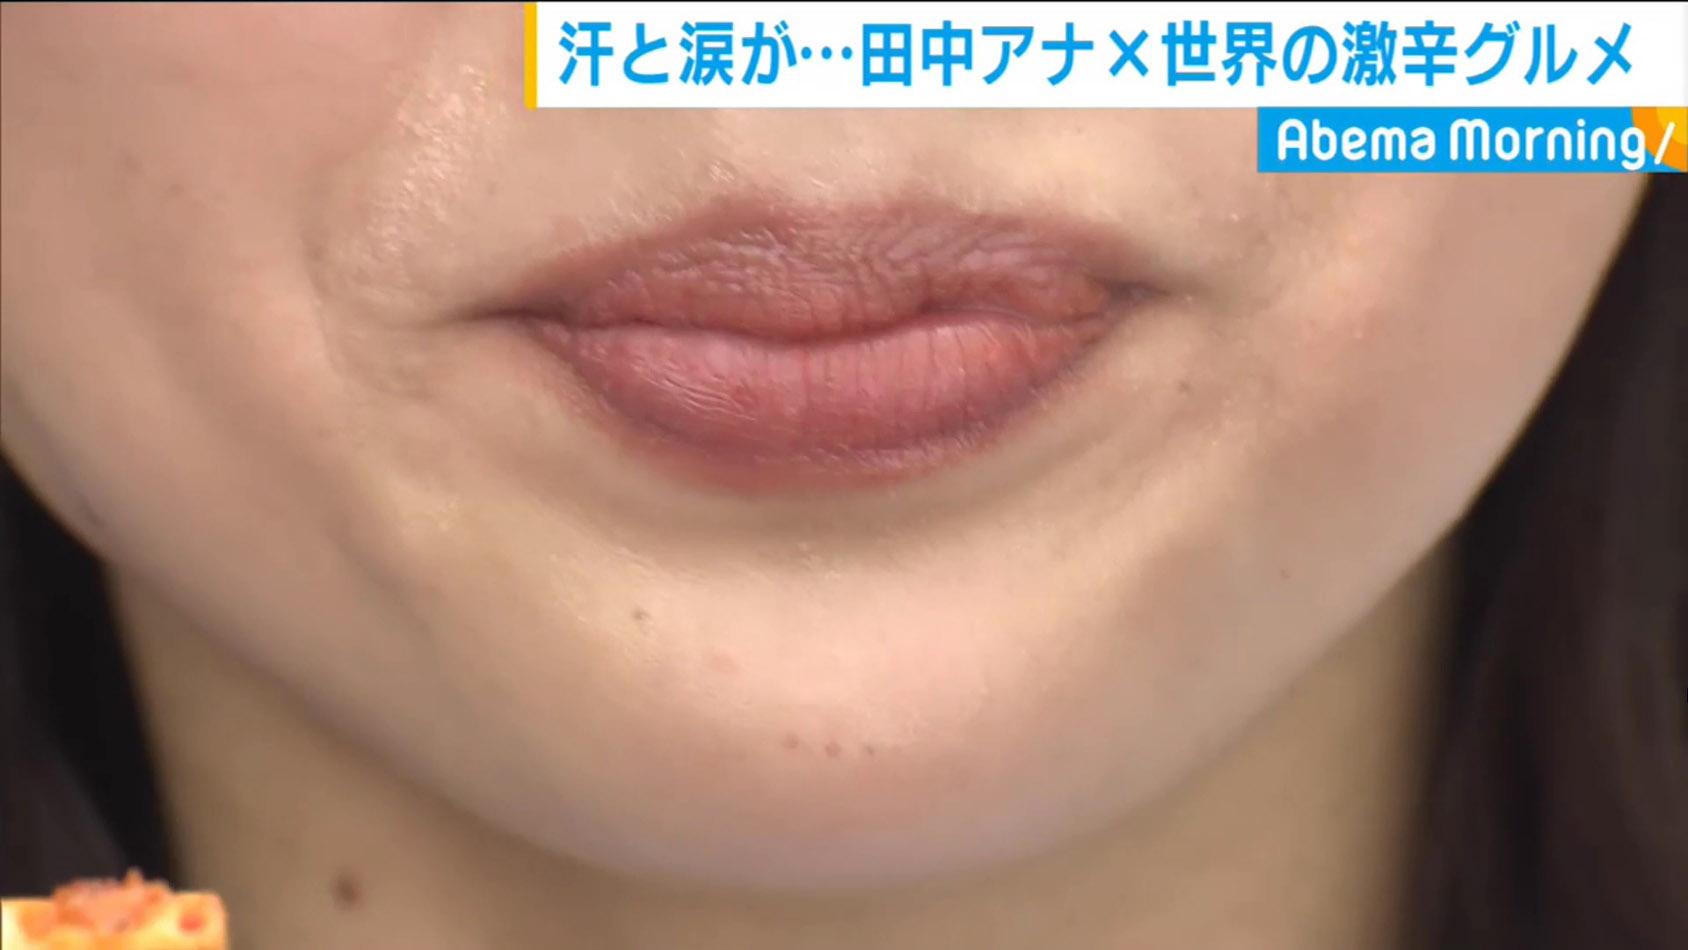 【テレ朝】田中萌 Part18【Abema Morning】 YouTube動画>1本 ->画像>216枚